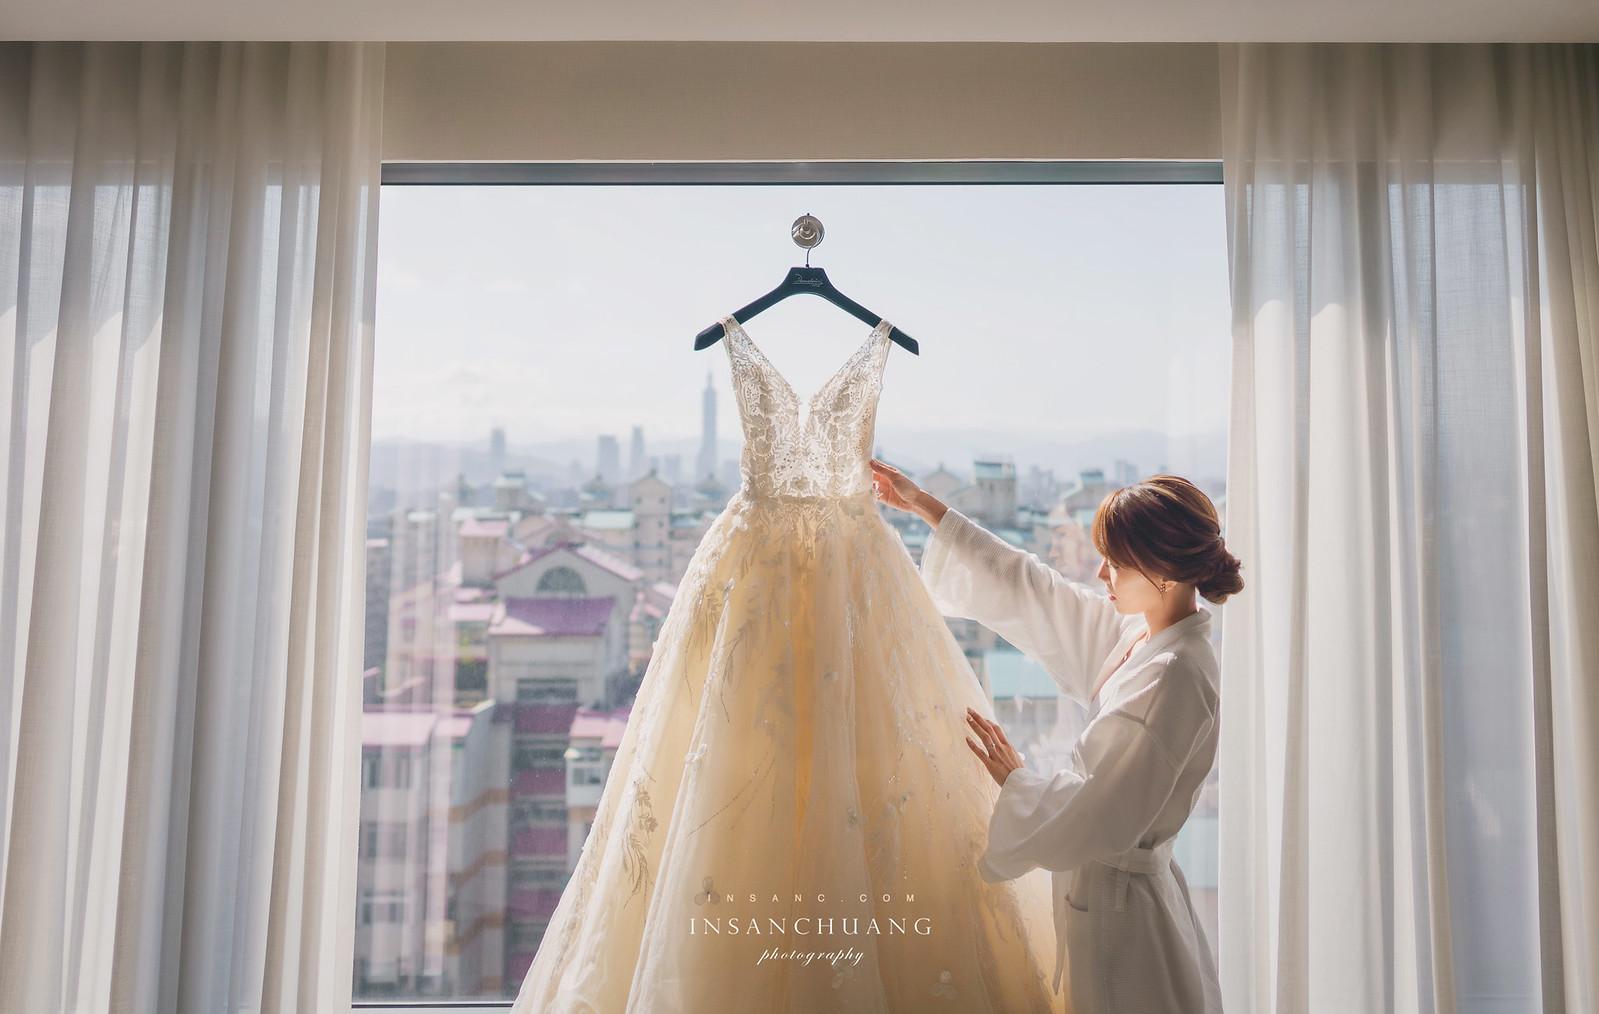 婚攝英聖台北婚攝萬豪酒店gardenvillawed210130P_045